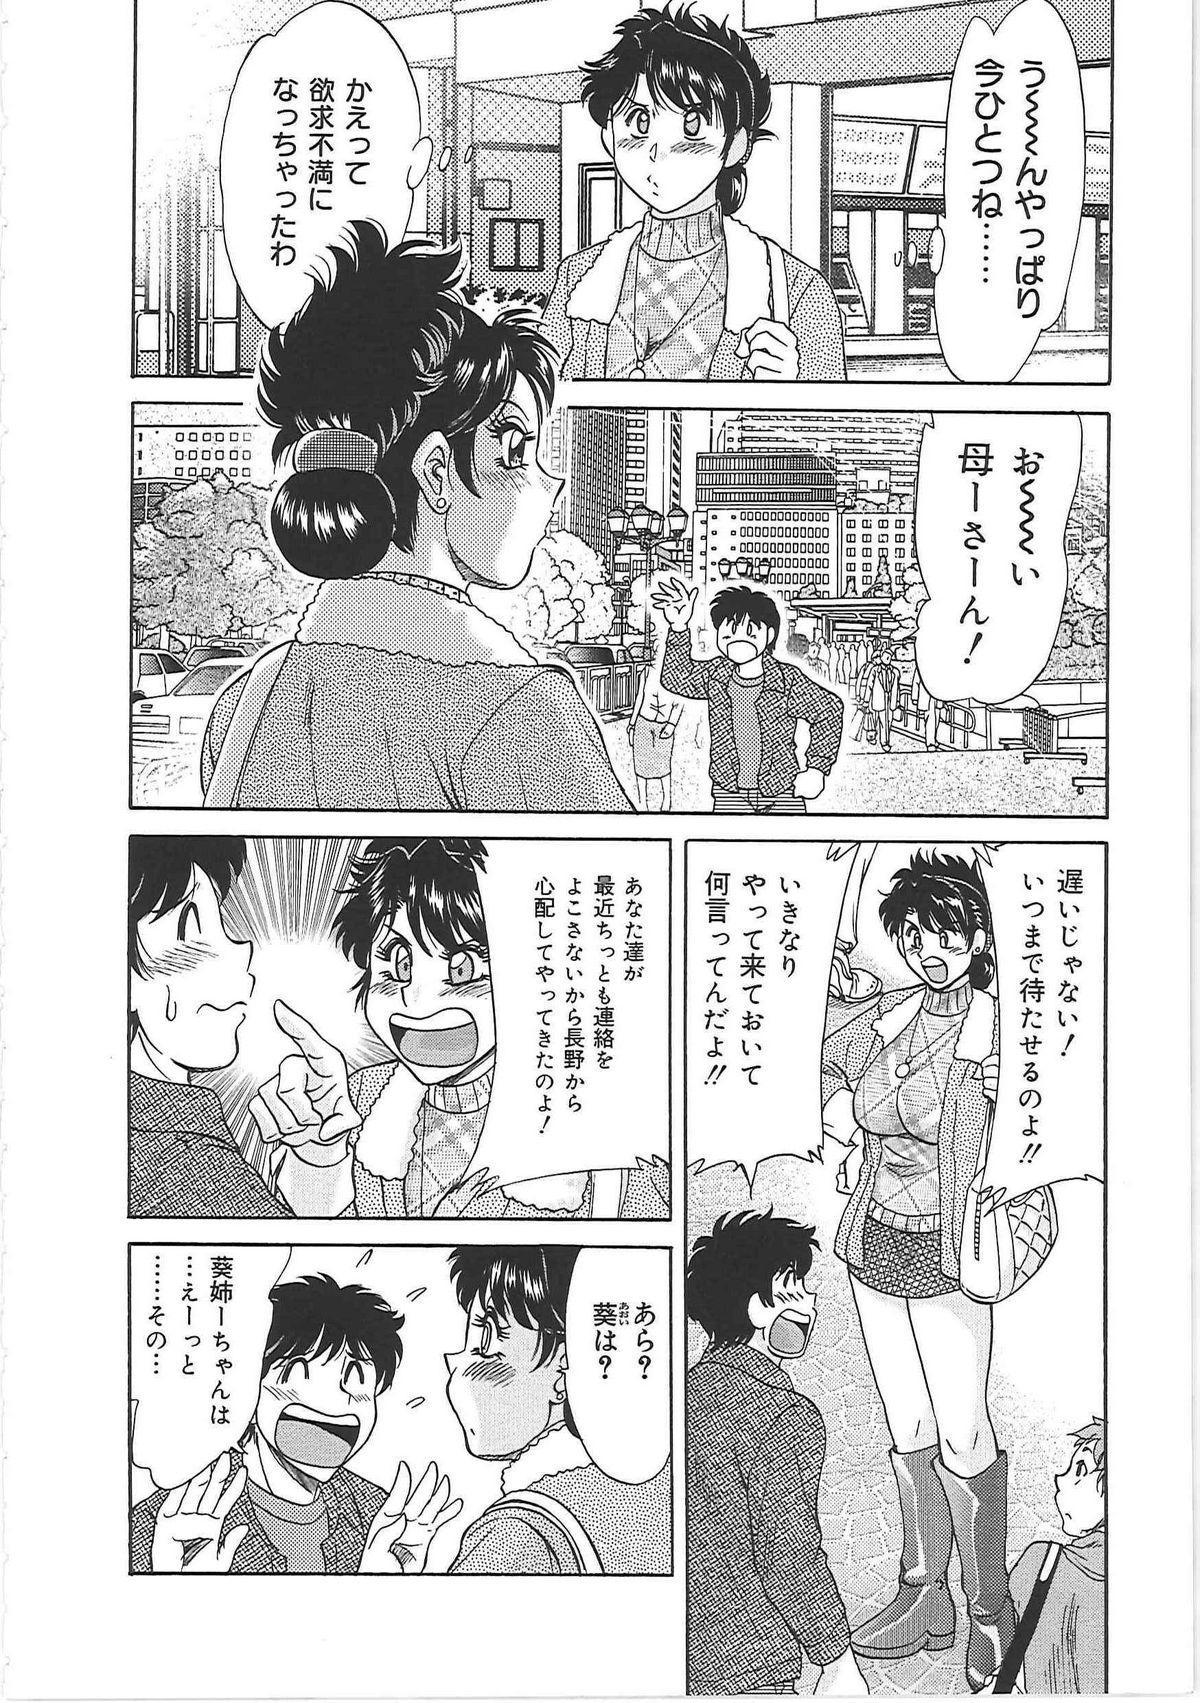 [Chanpon Miyabi] Cho-Onesan Tengoku 6 -Tenrakuhen- 15